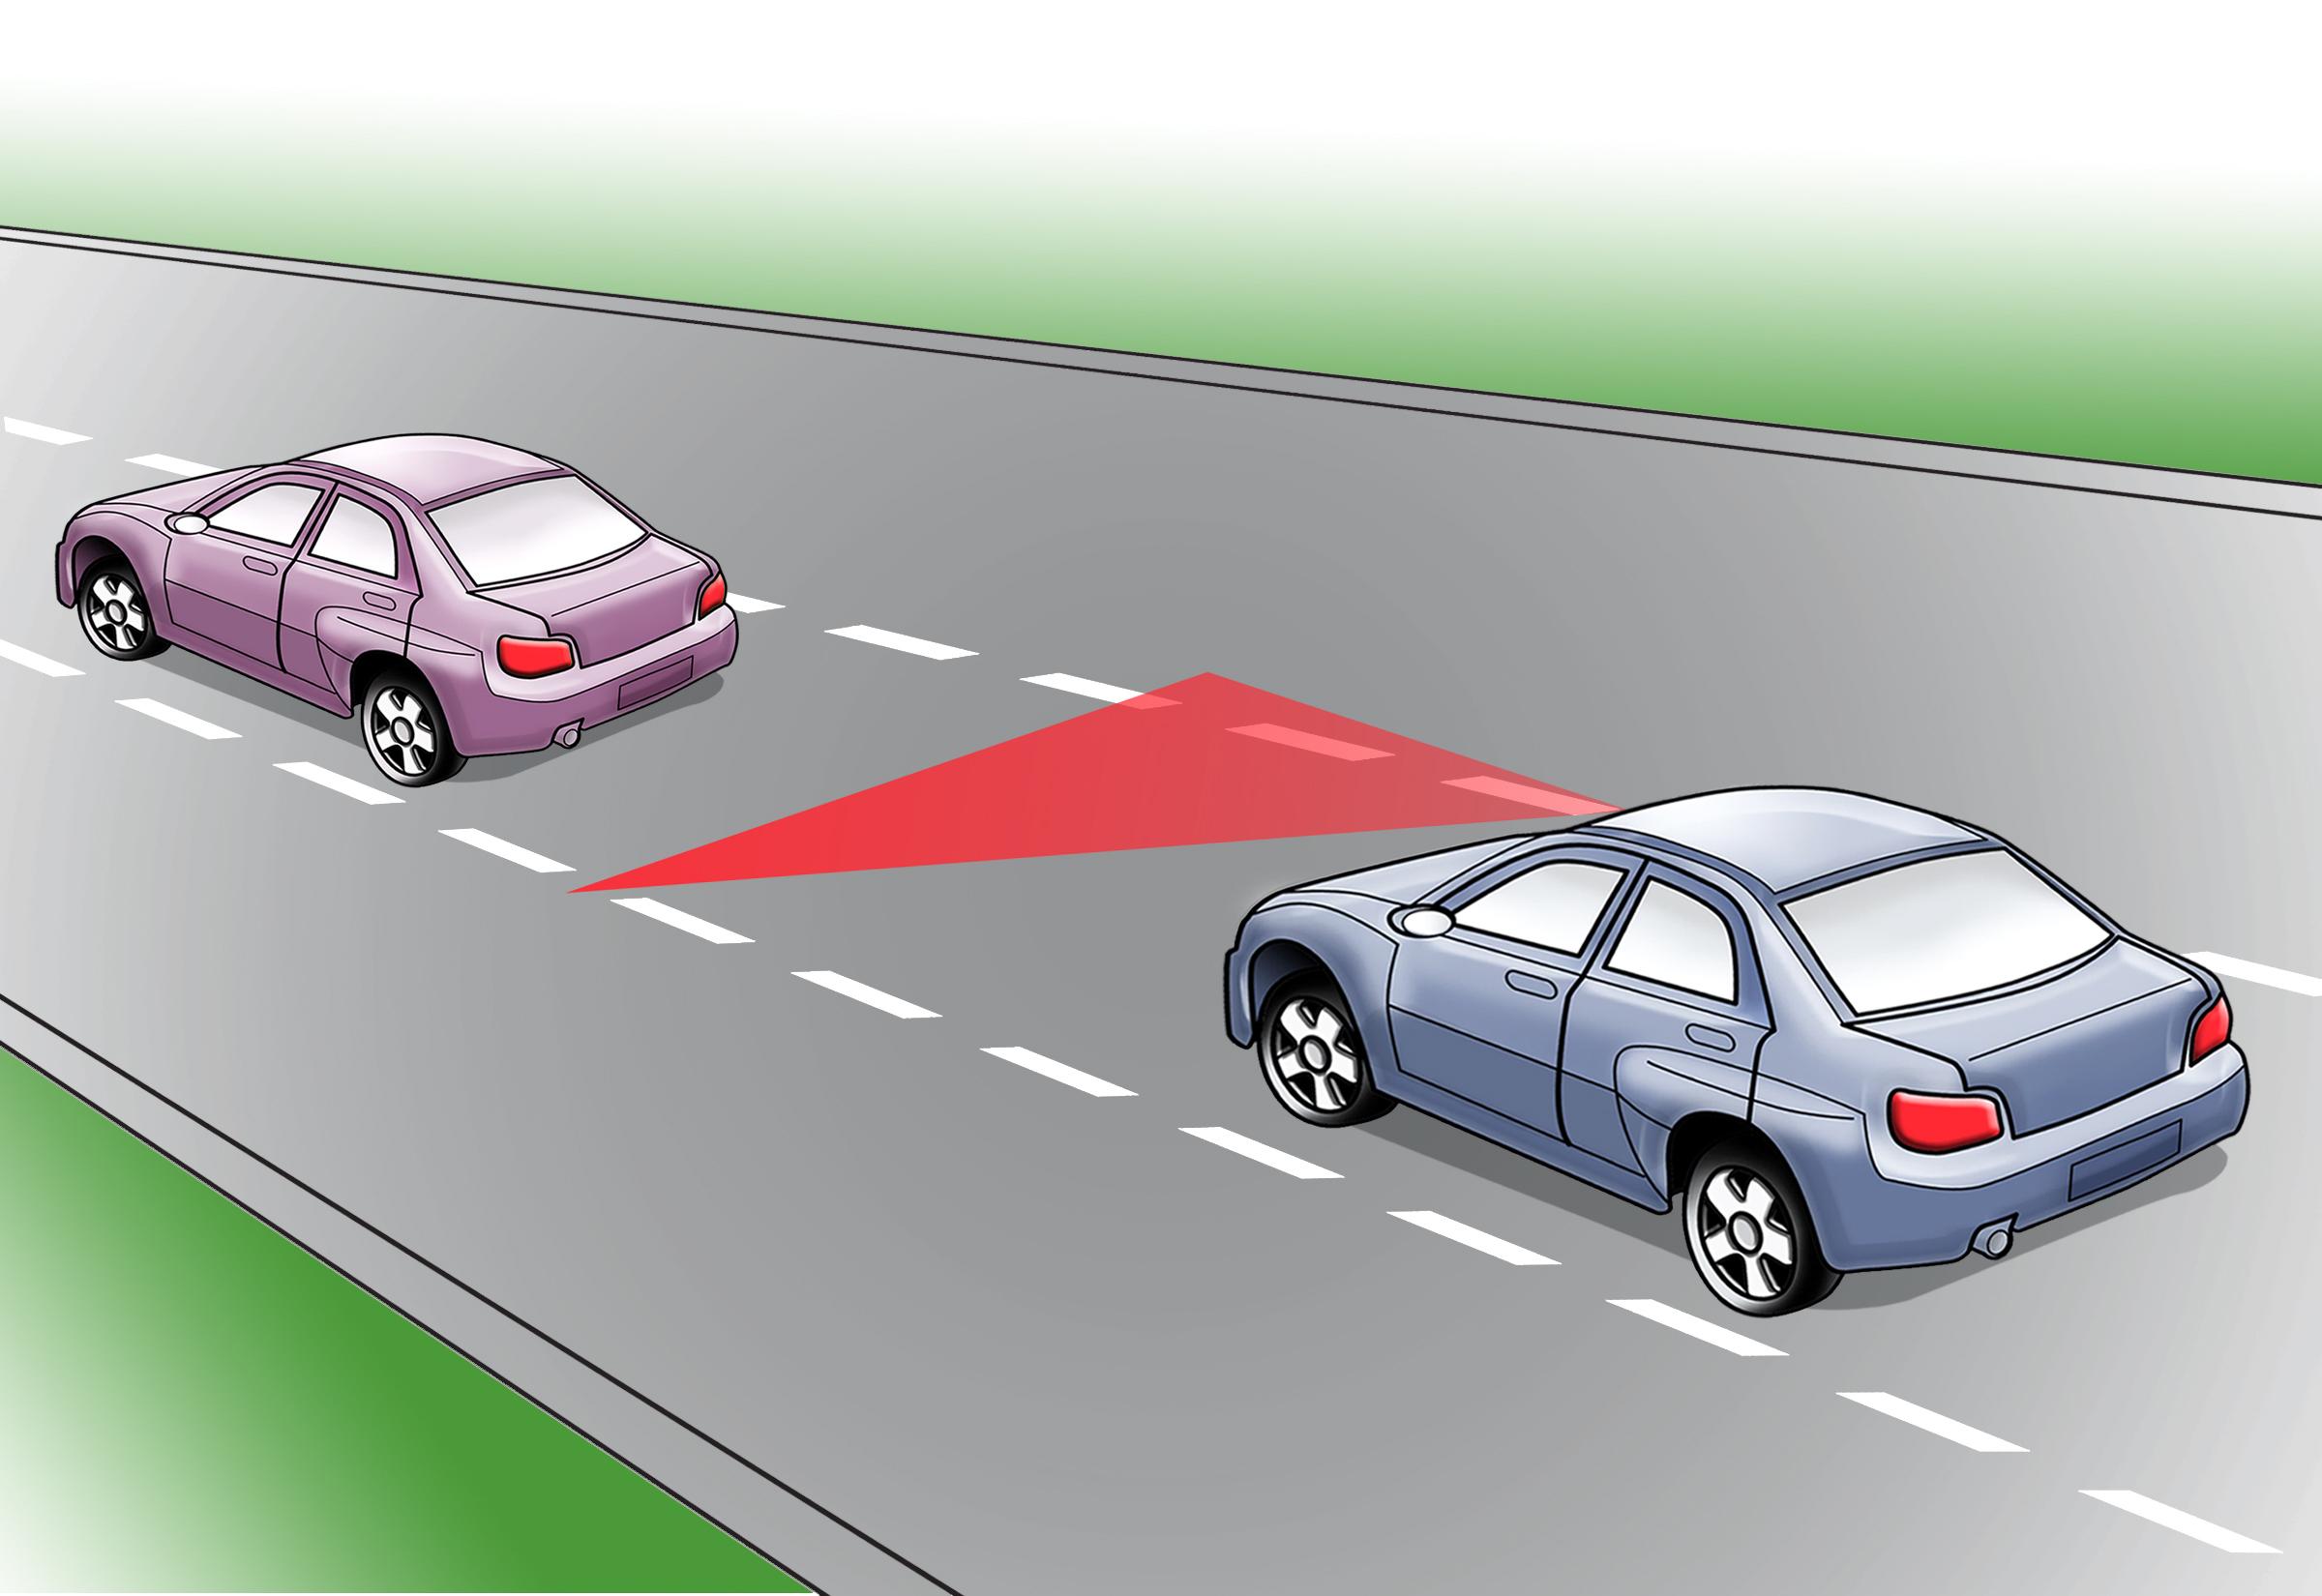 Lane Departure Warning - My Car Does What